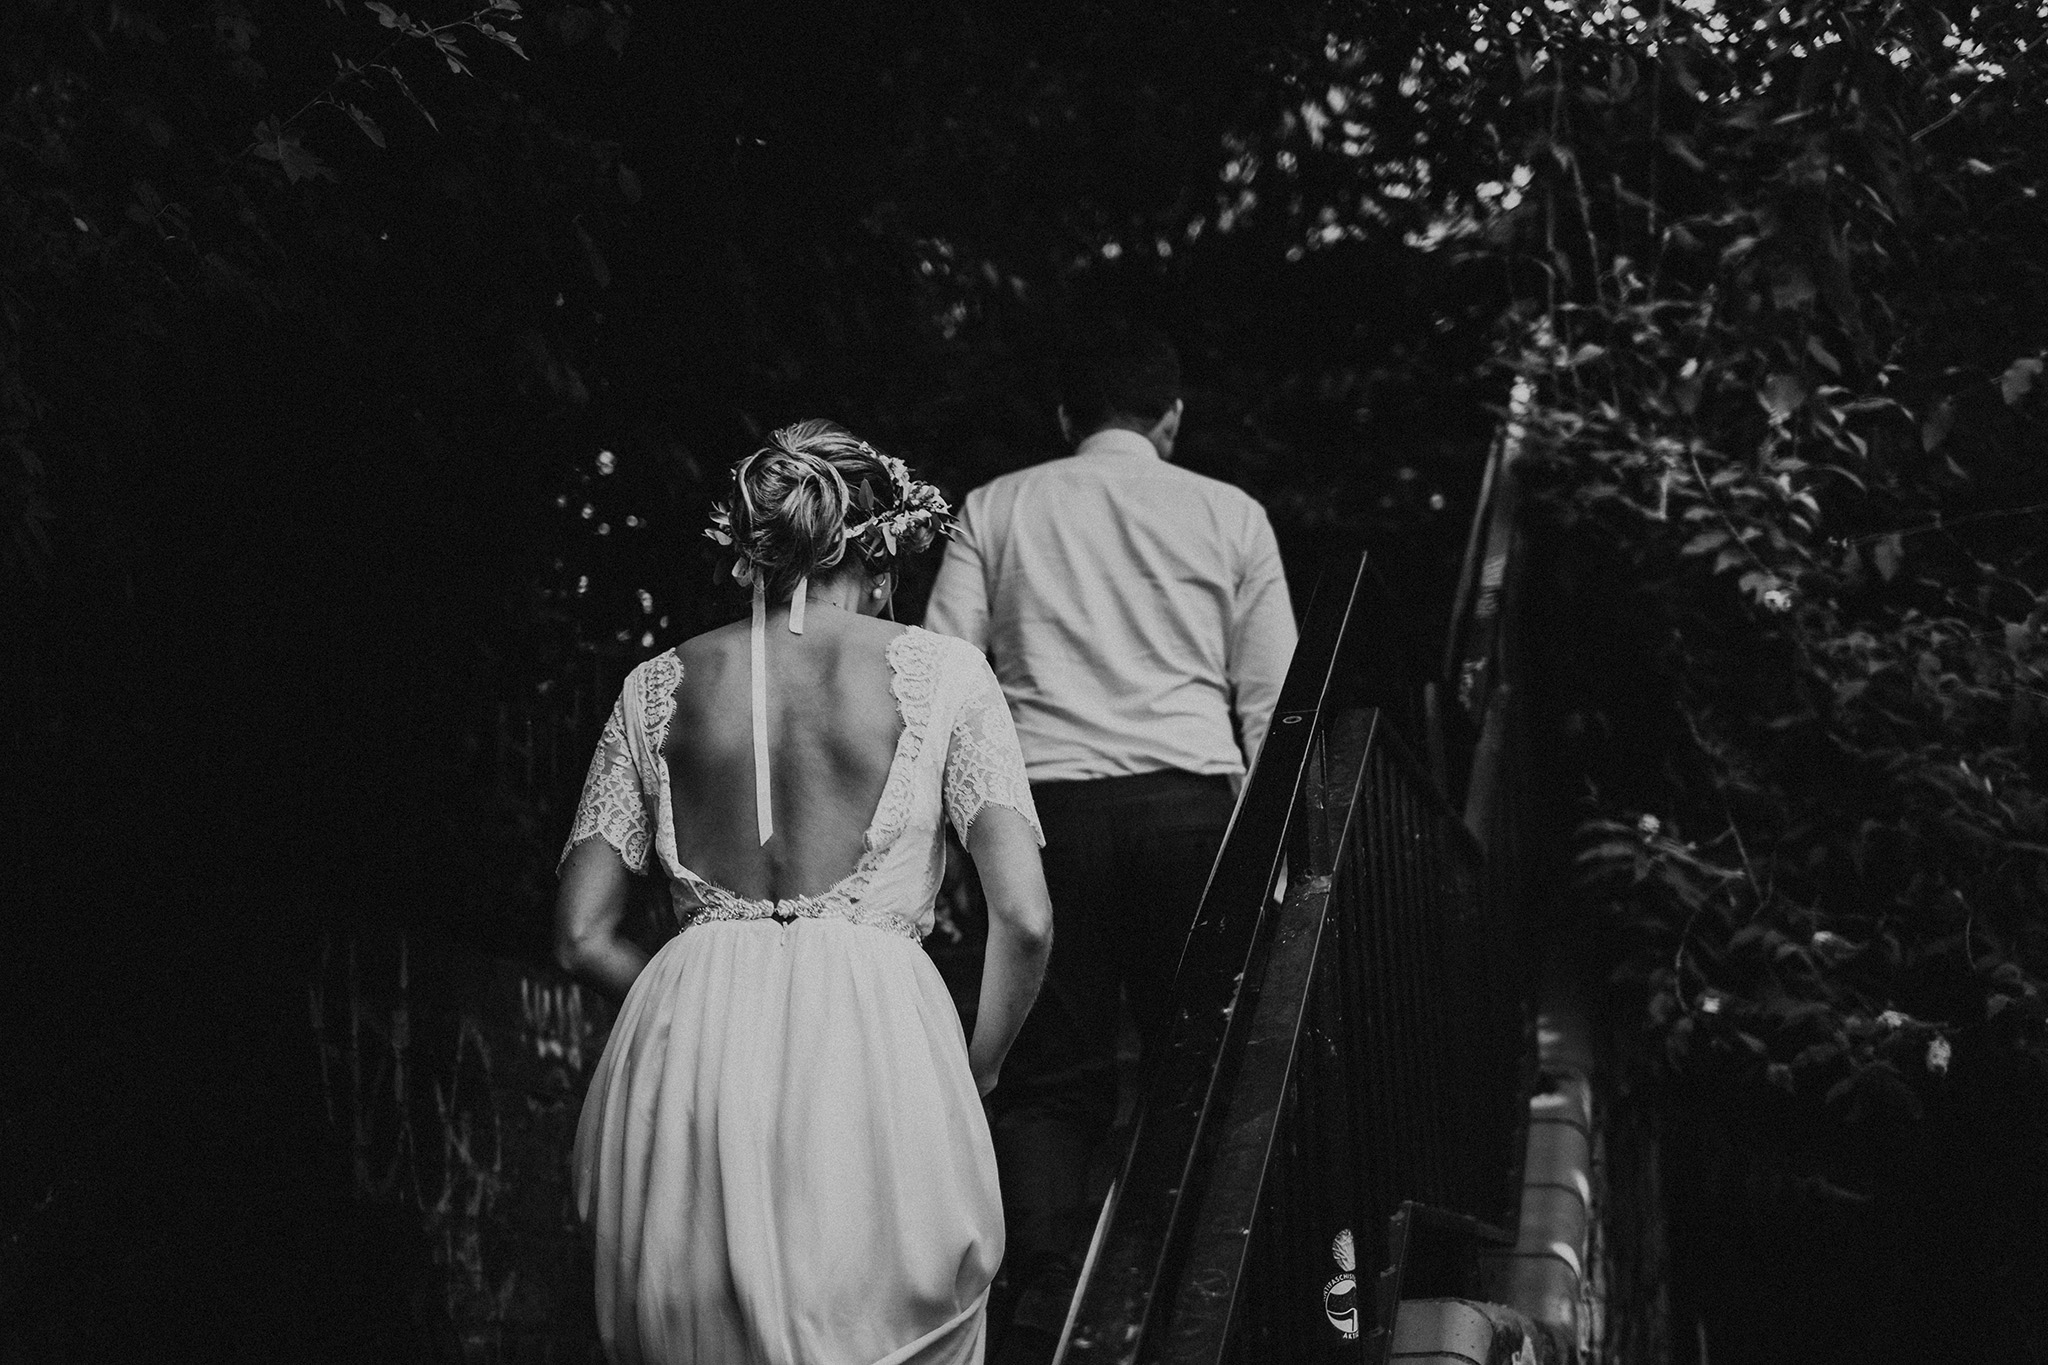 fine-art-wedding-photographer-london.jpg